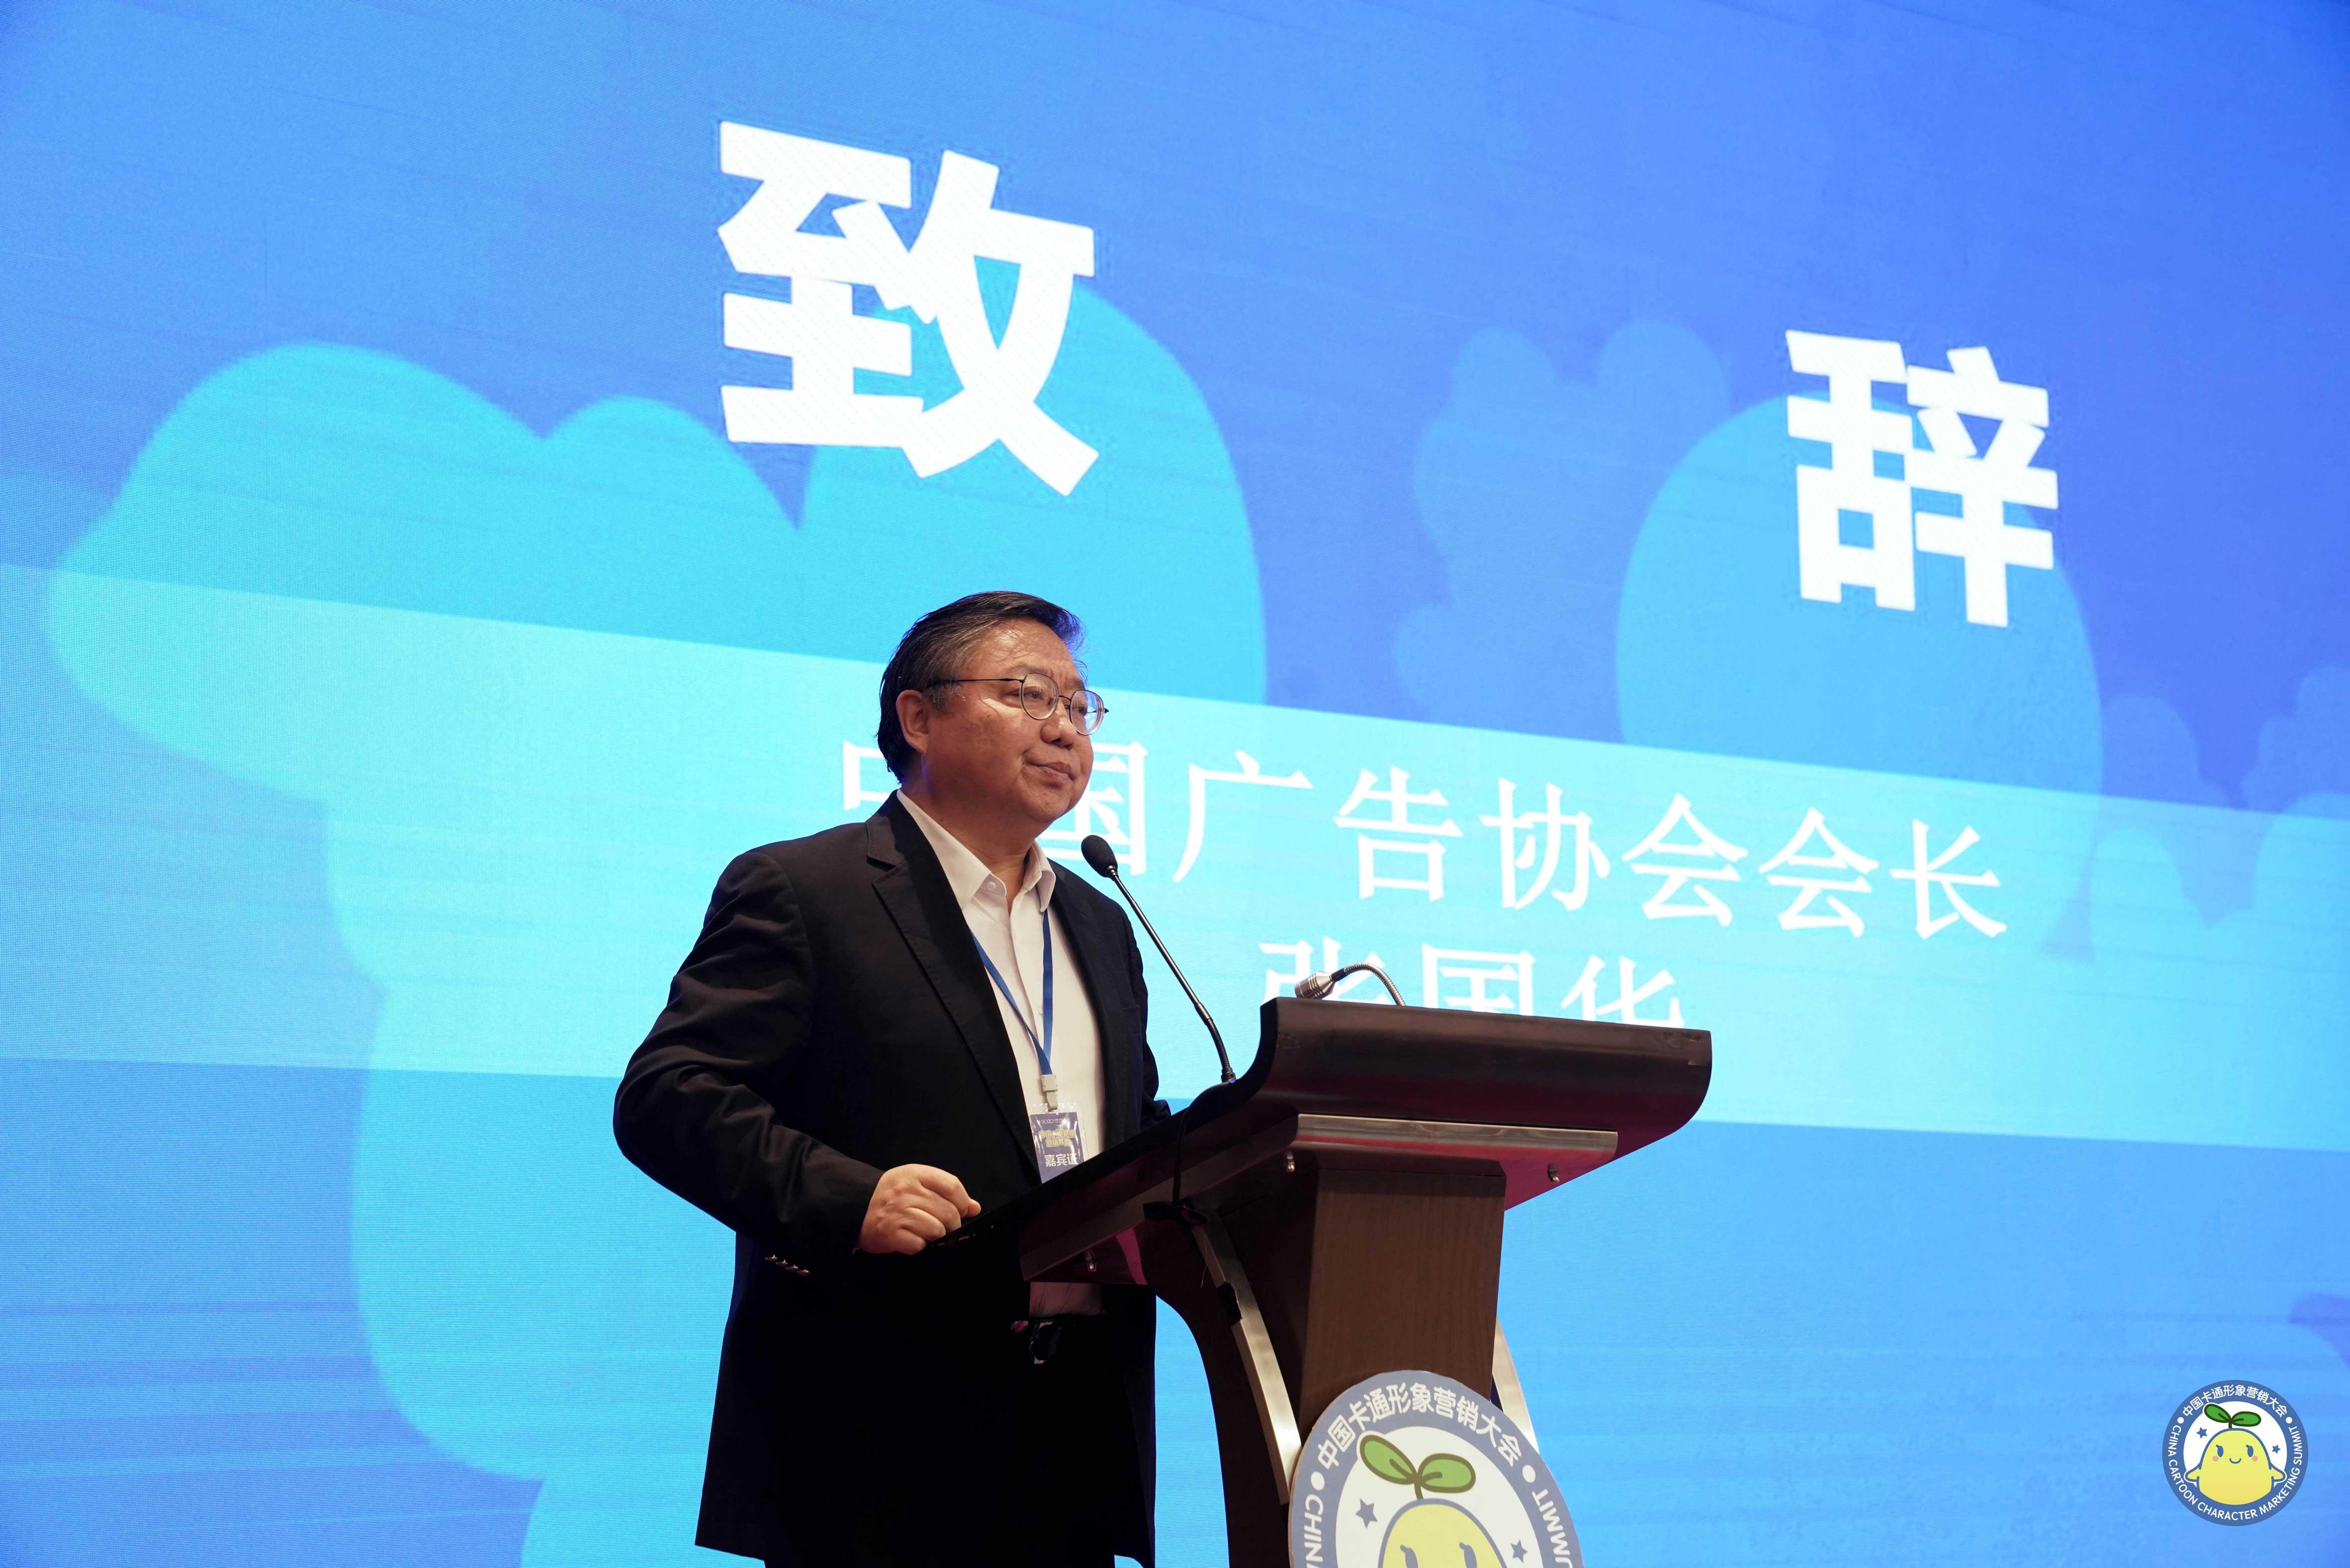 动漫拉动消费升级,2020中国卡通形象营销大会举办 业内 第3张